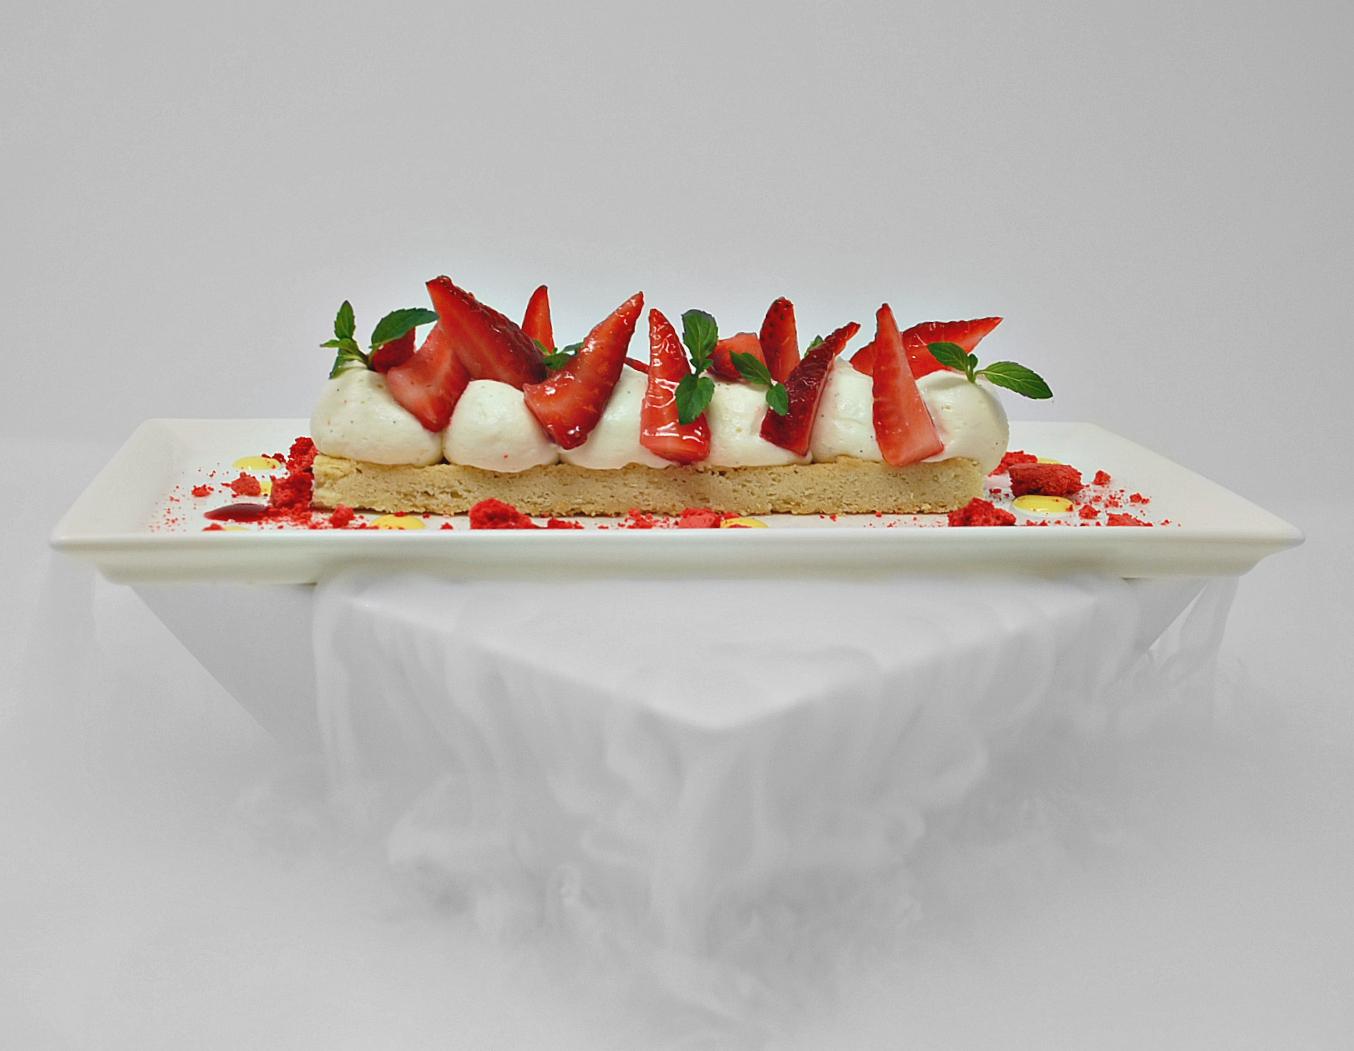 Sablé Fraise, Crème Chantilly Mascarpone aromatisé au Pitacou Citron de Menton